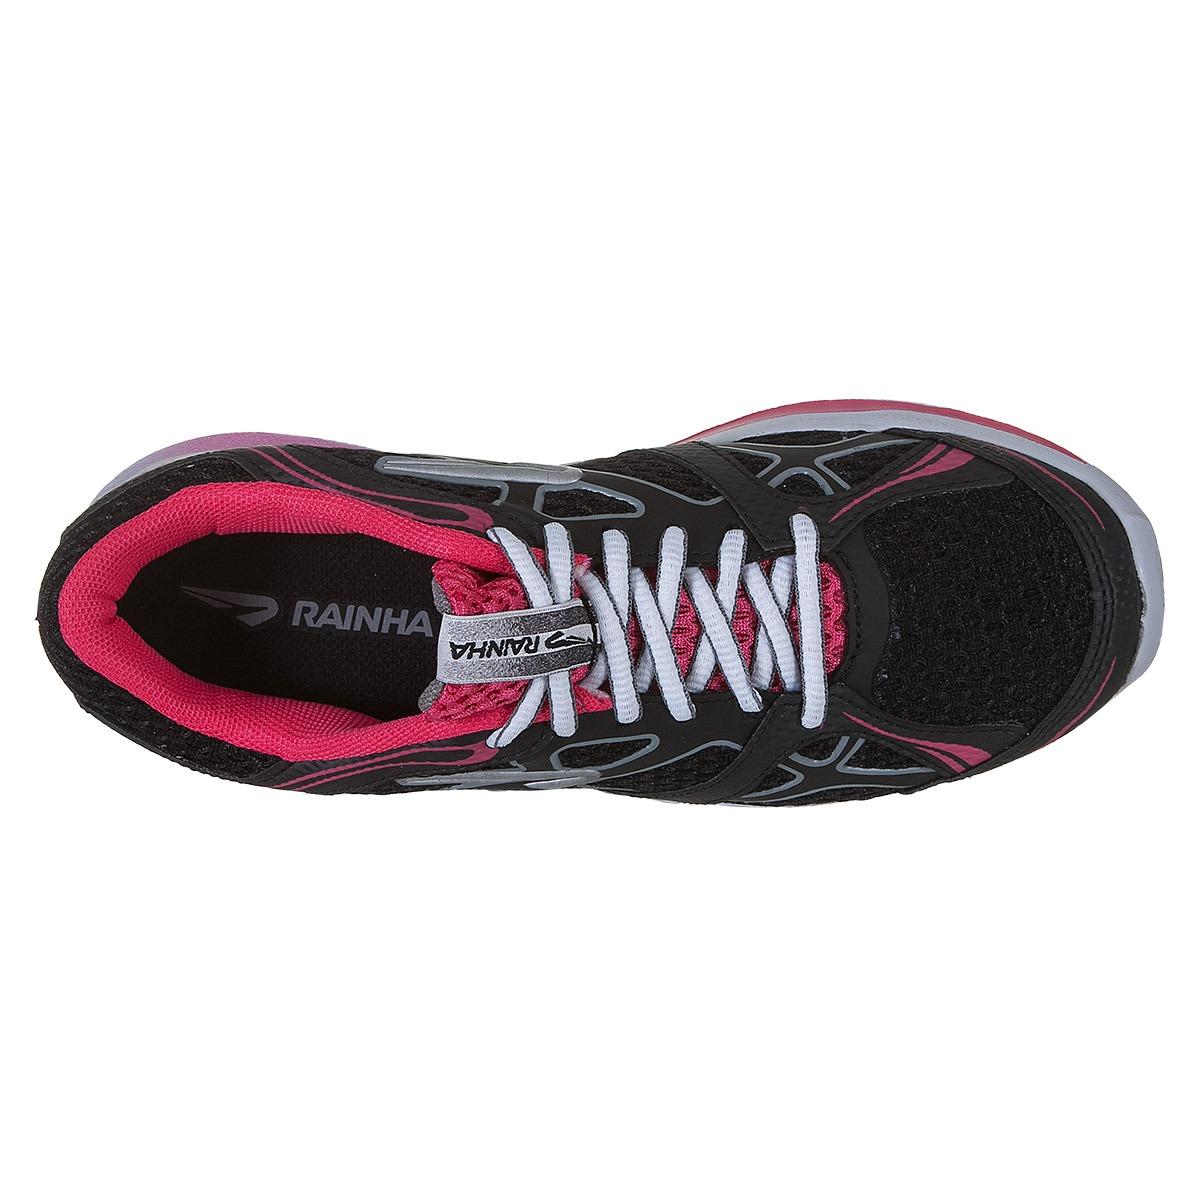 ce741168ea1 tênis rainha original barato feminino excelente promoção. Carregando zoom.